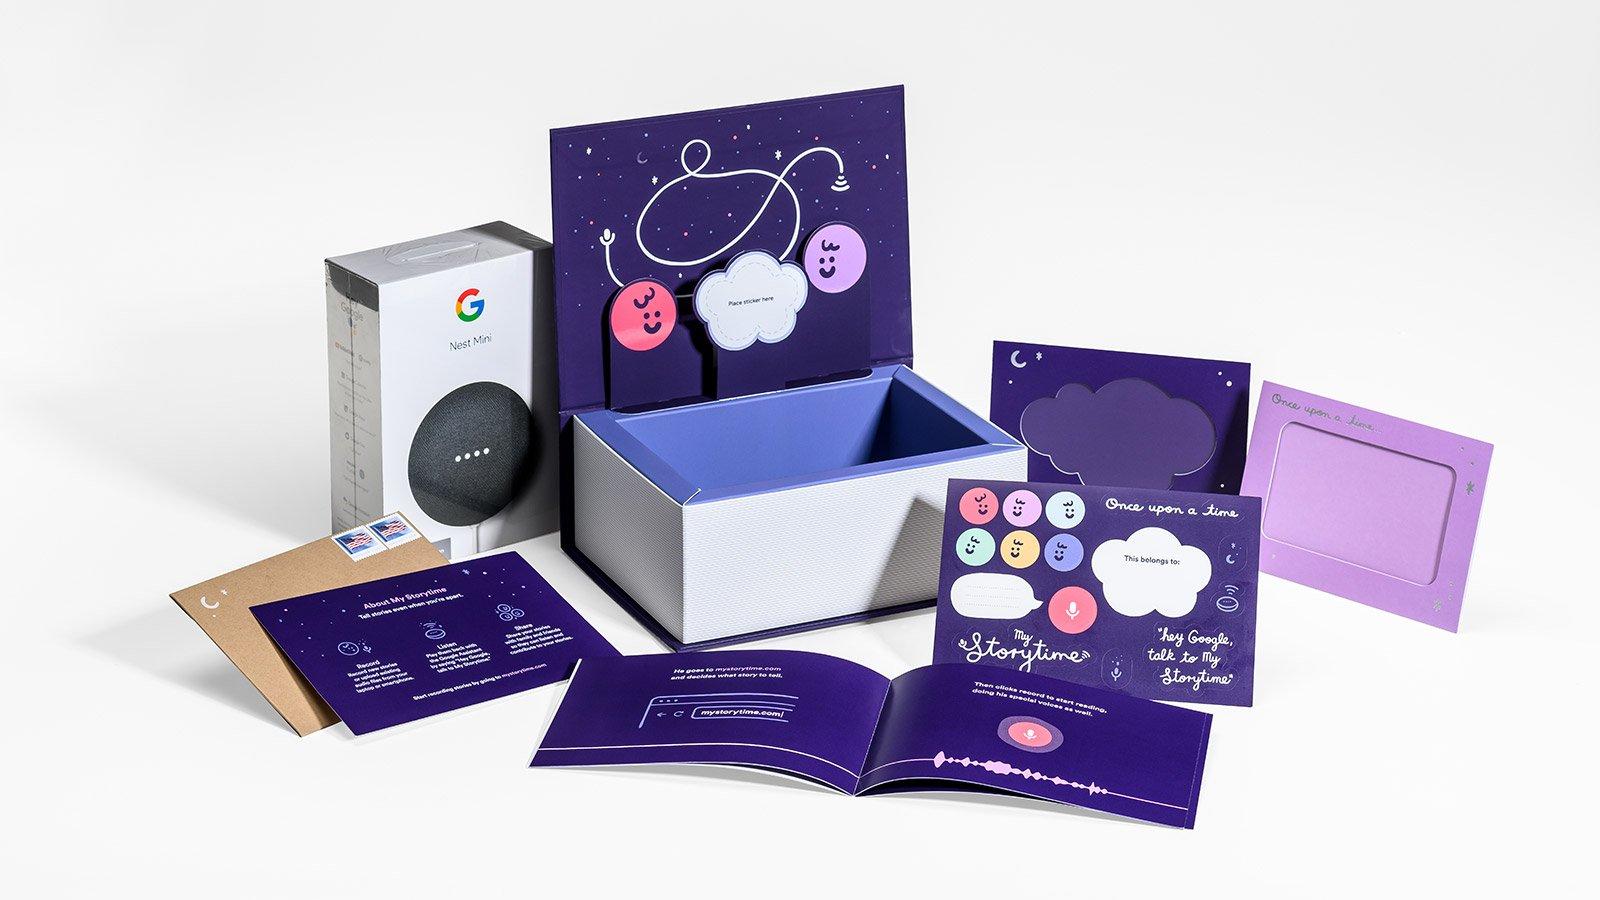 Google Nest Packaging